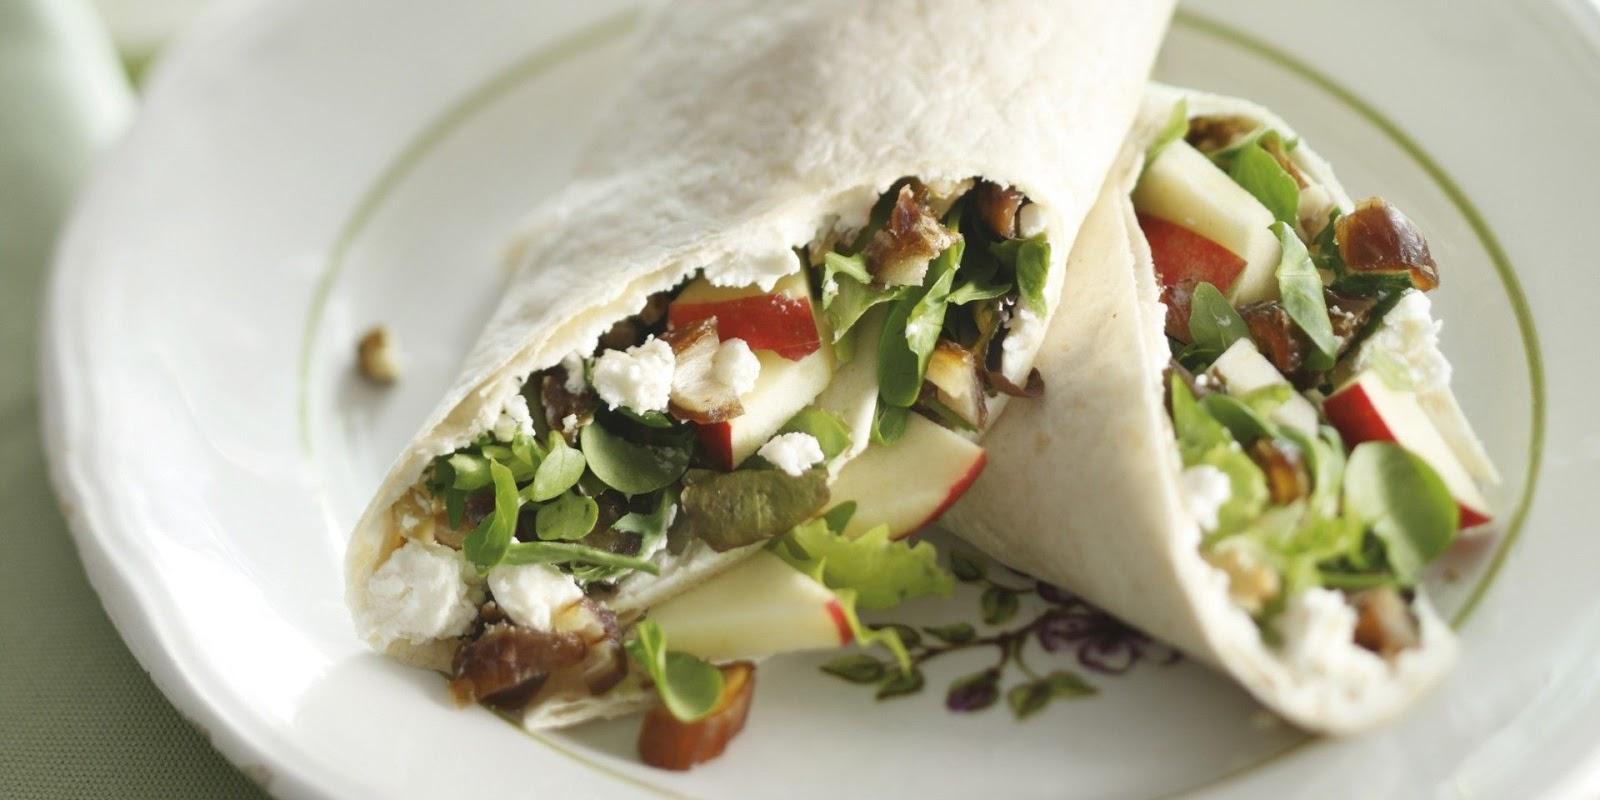 Tortilla wraps met geitenkaas, rucola, walnoten en honing